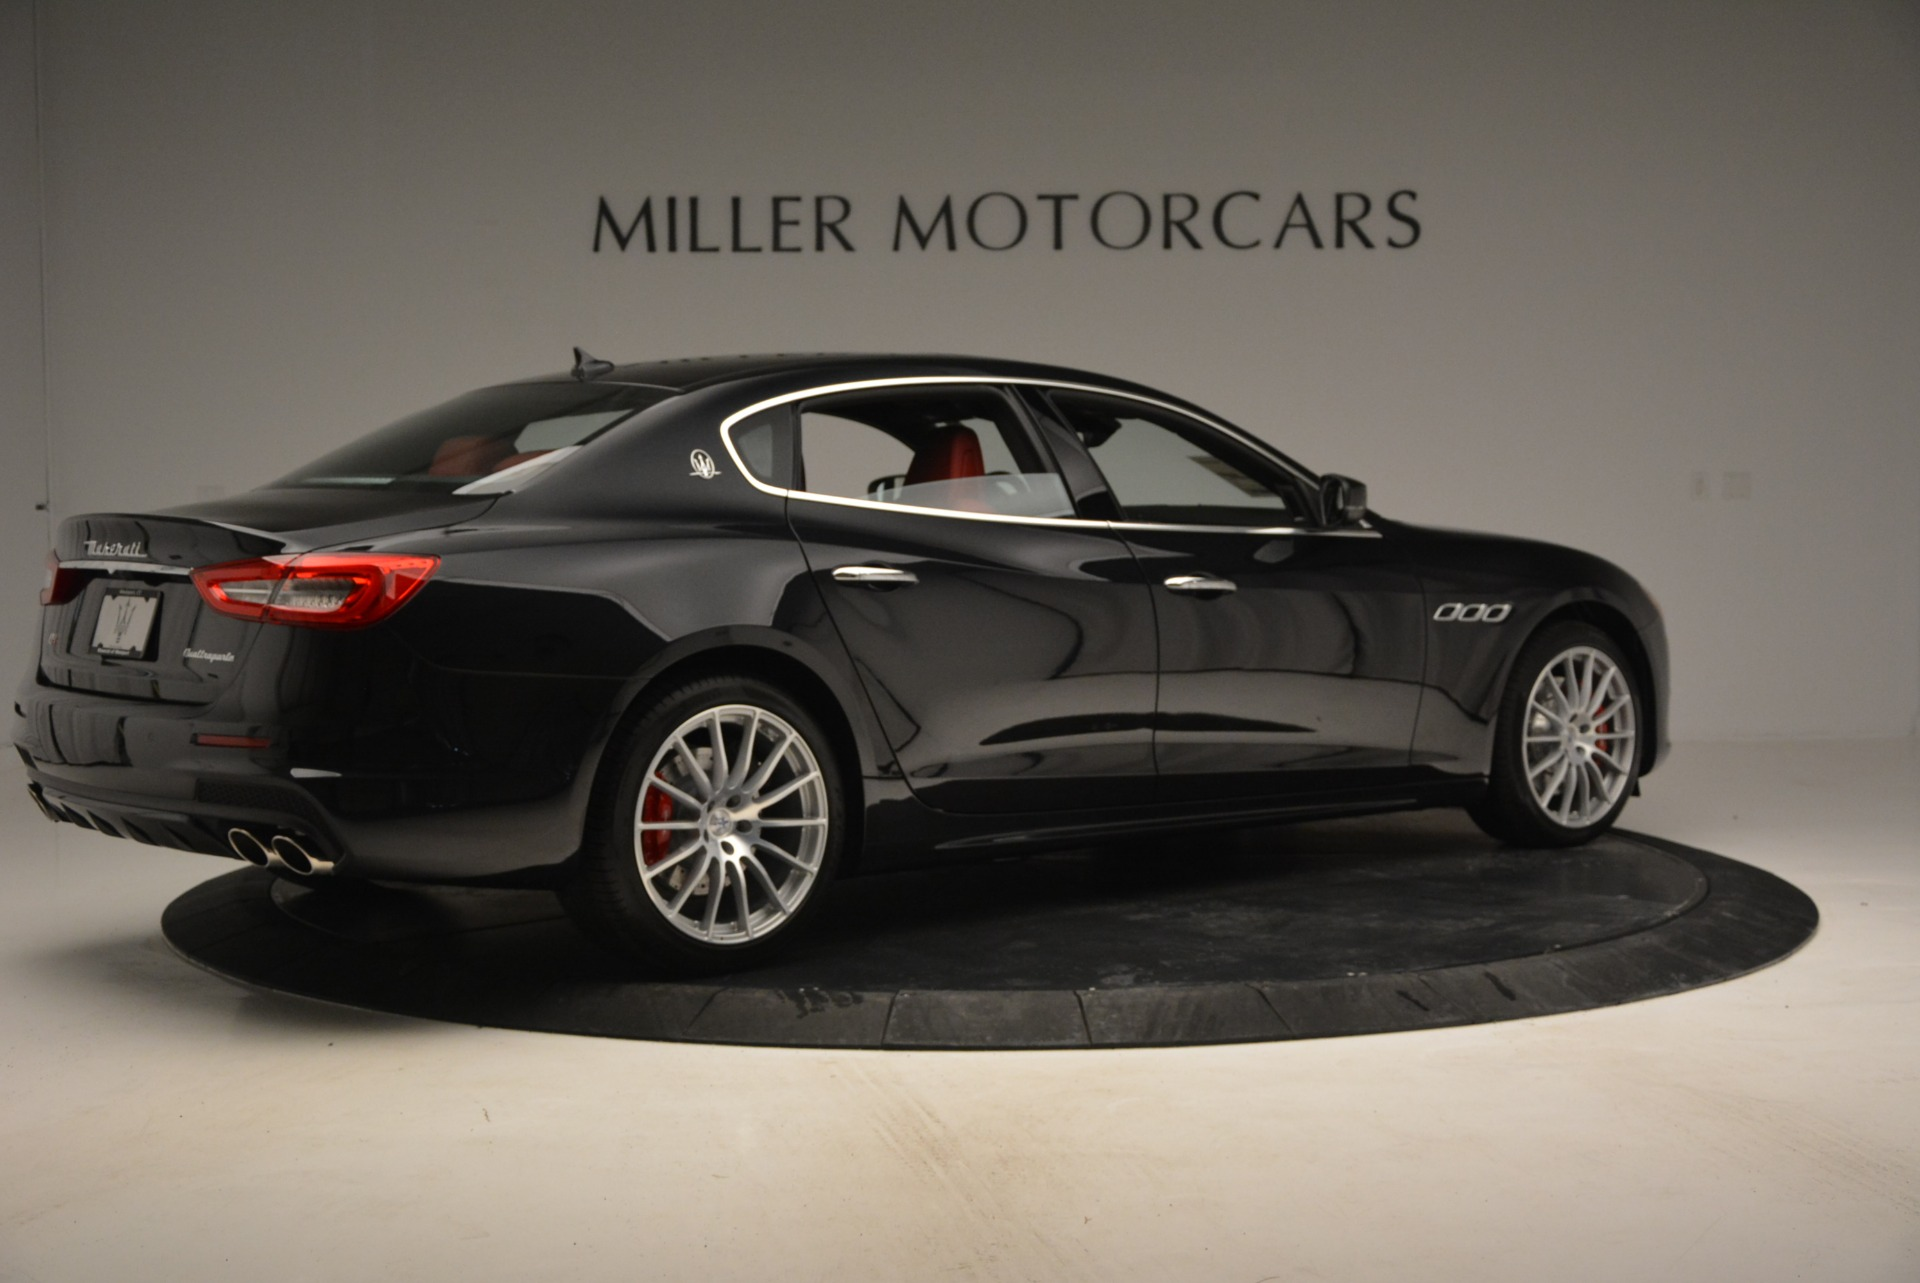 New 2017 Maserati Quattroporte S Q4 GranSport For Sale In Greenwich, CT 790_p8